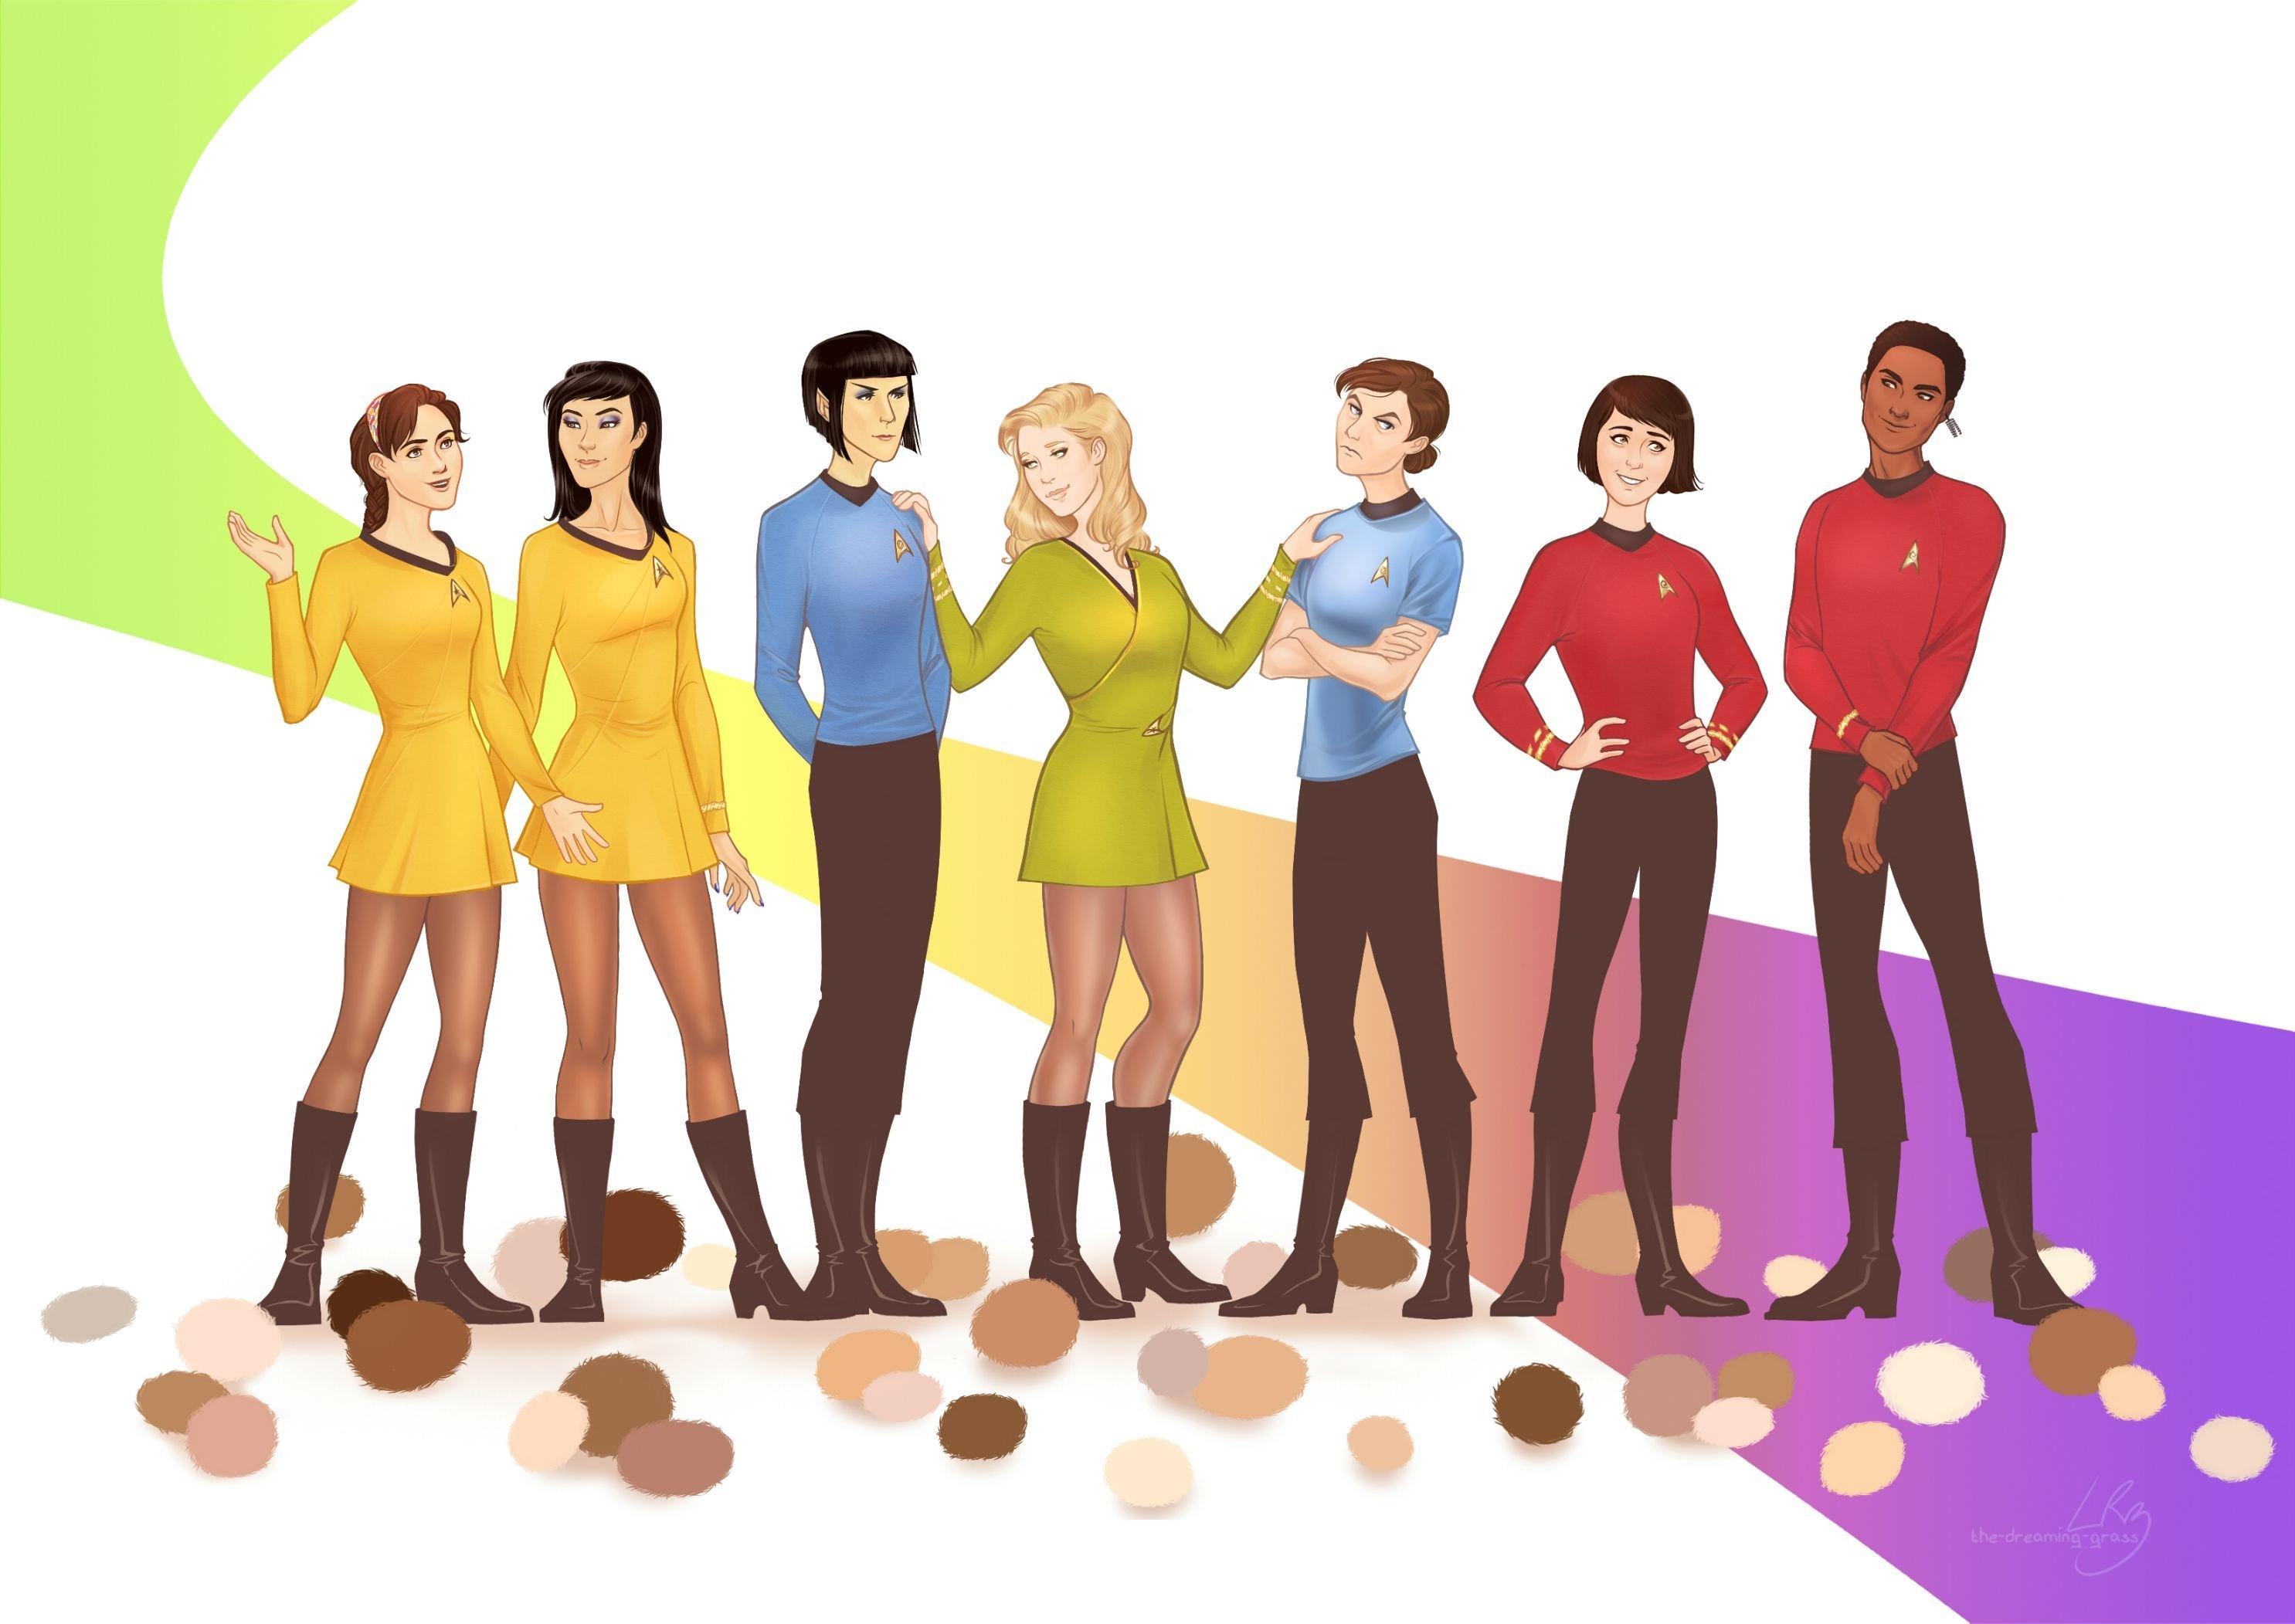 Star Trek The Rule 63 Series